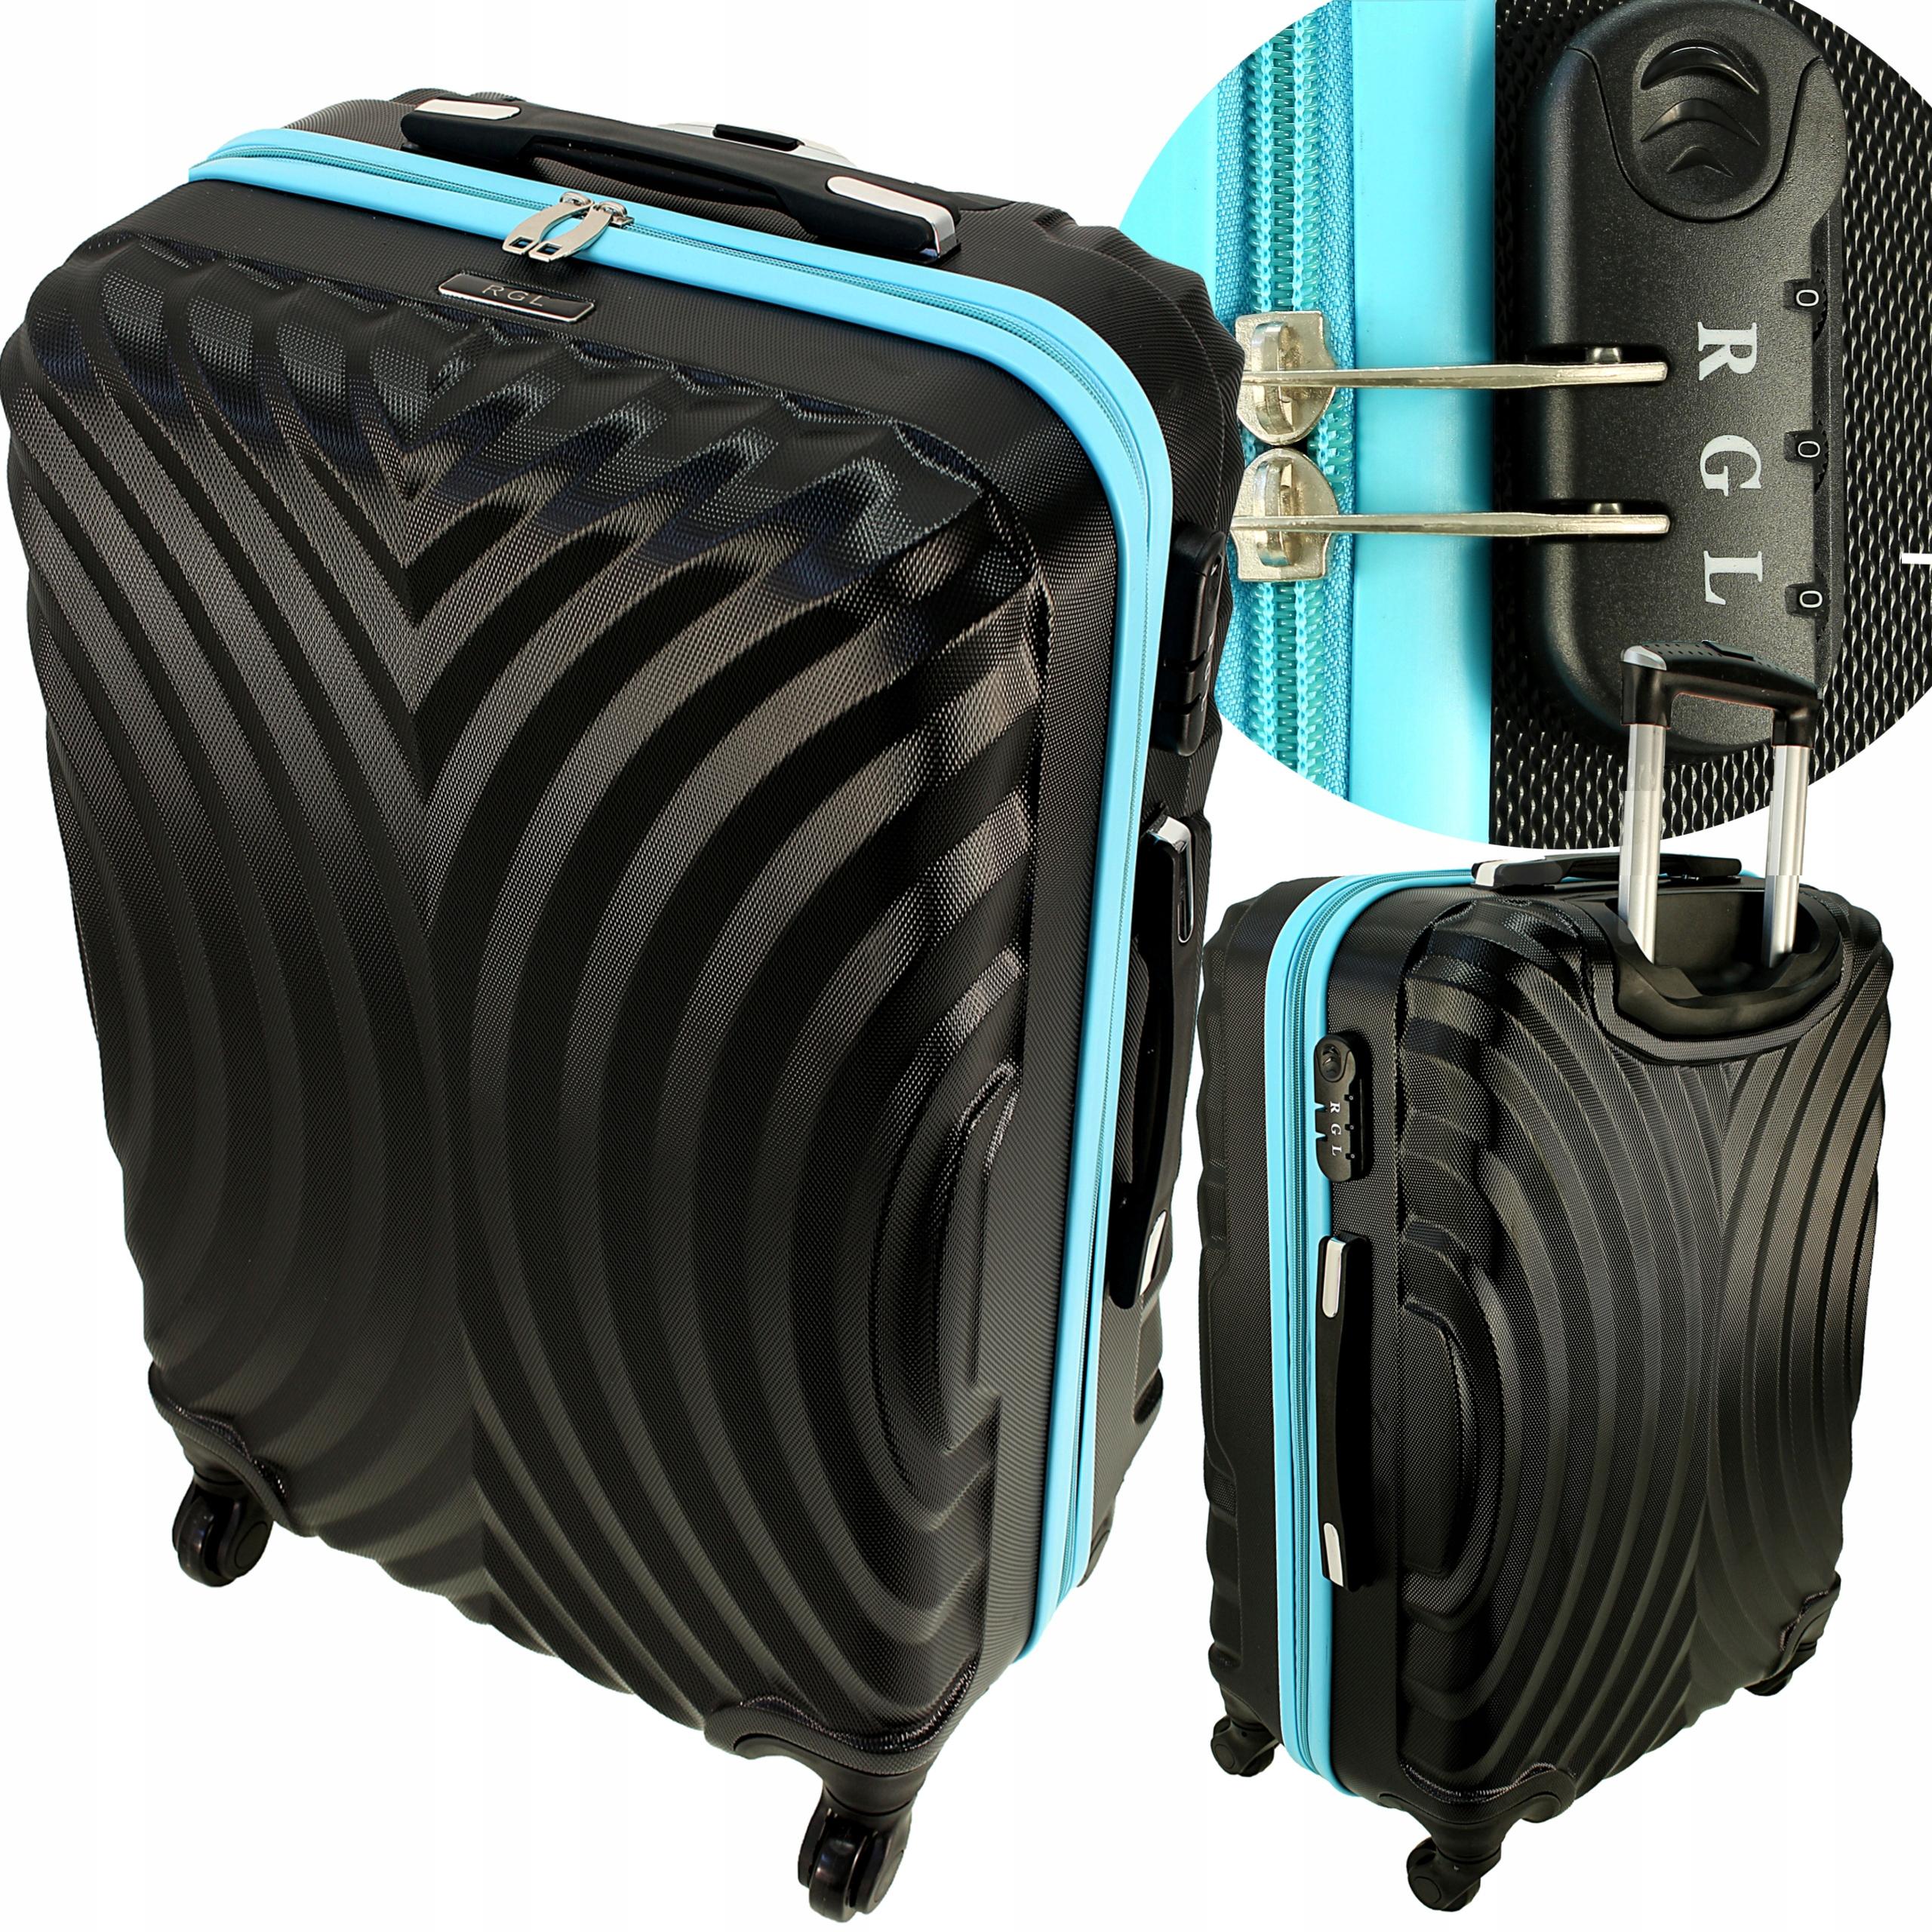 76 duza чемодан na шипы podrozna сумка abs